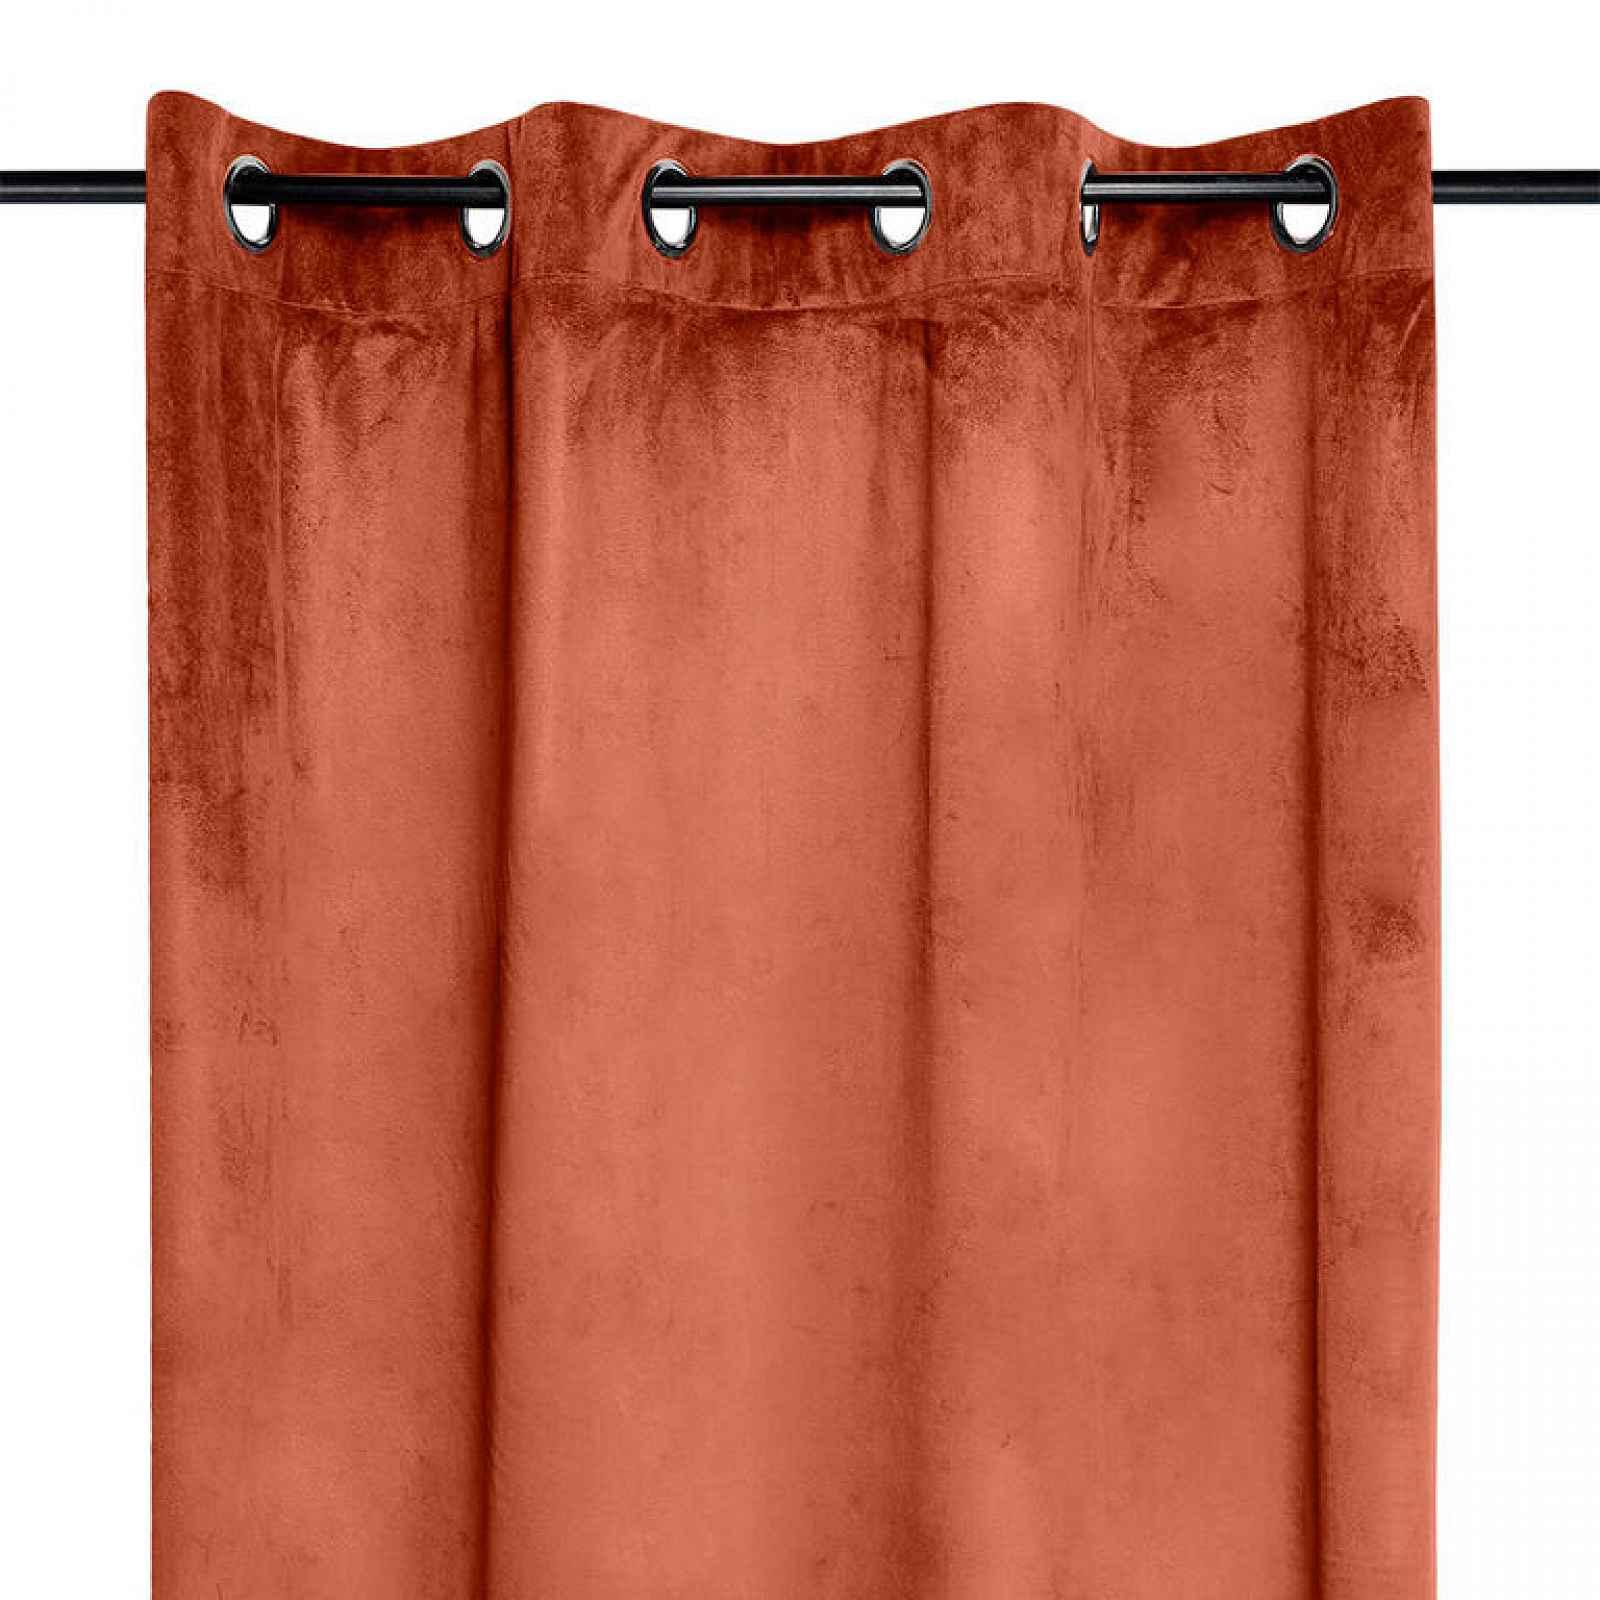 Dekorační velurový závěs DANAÉ cihlový 140 x 260 cm 2 ks